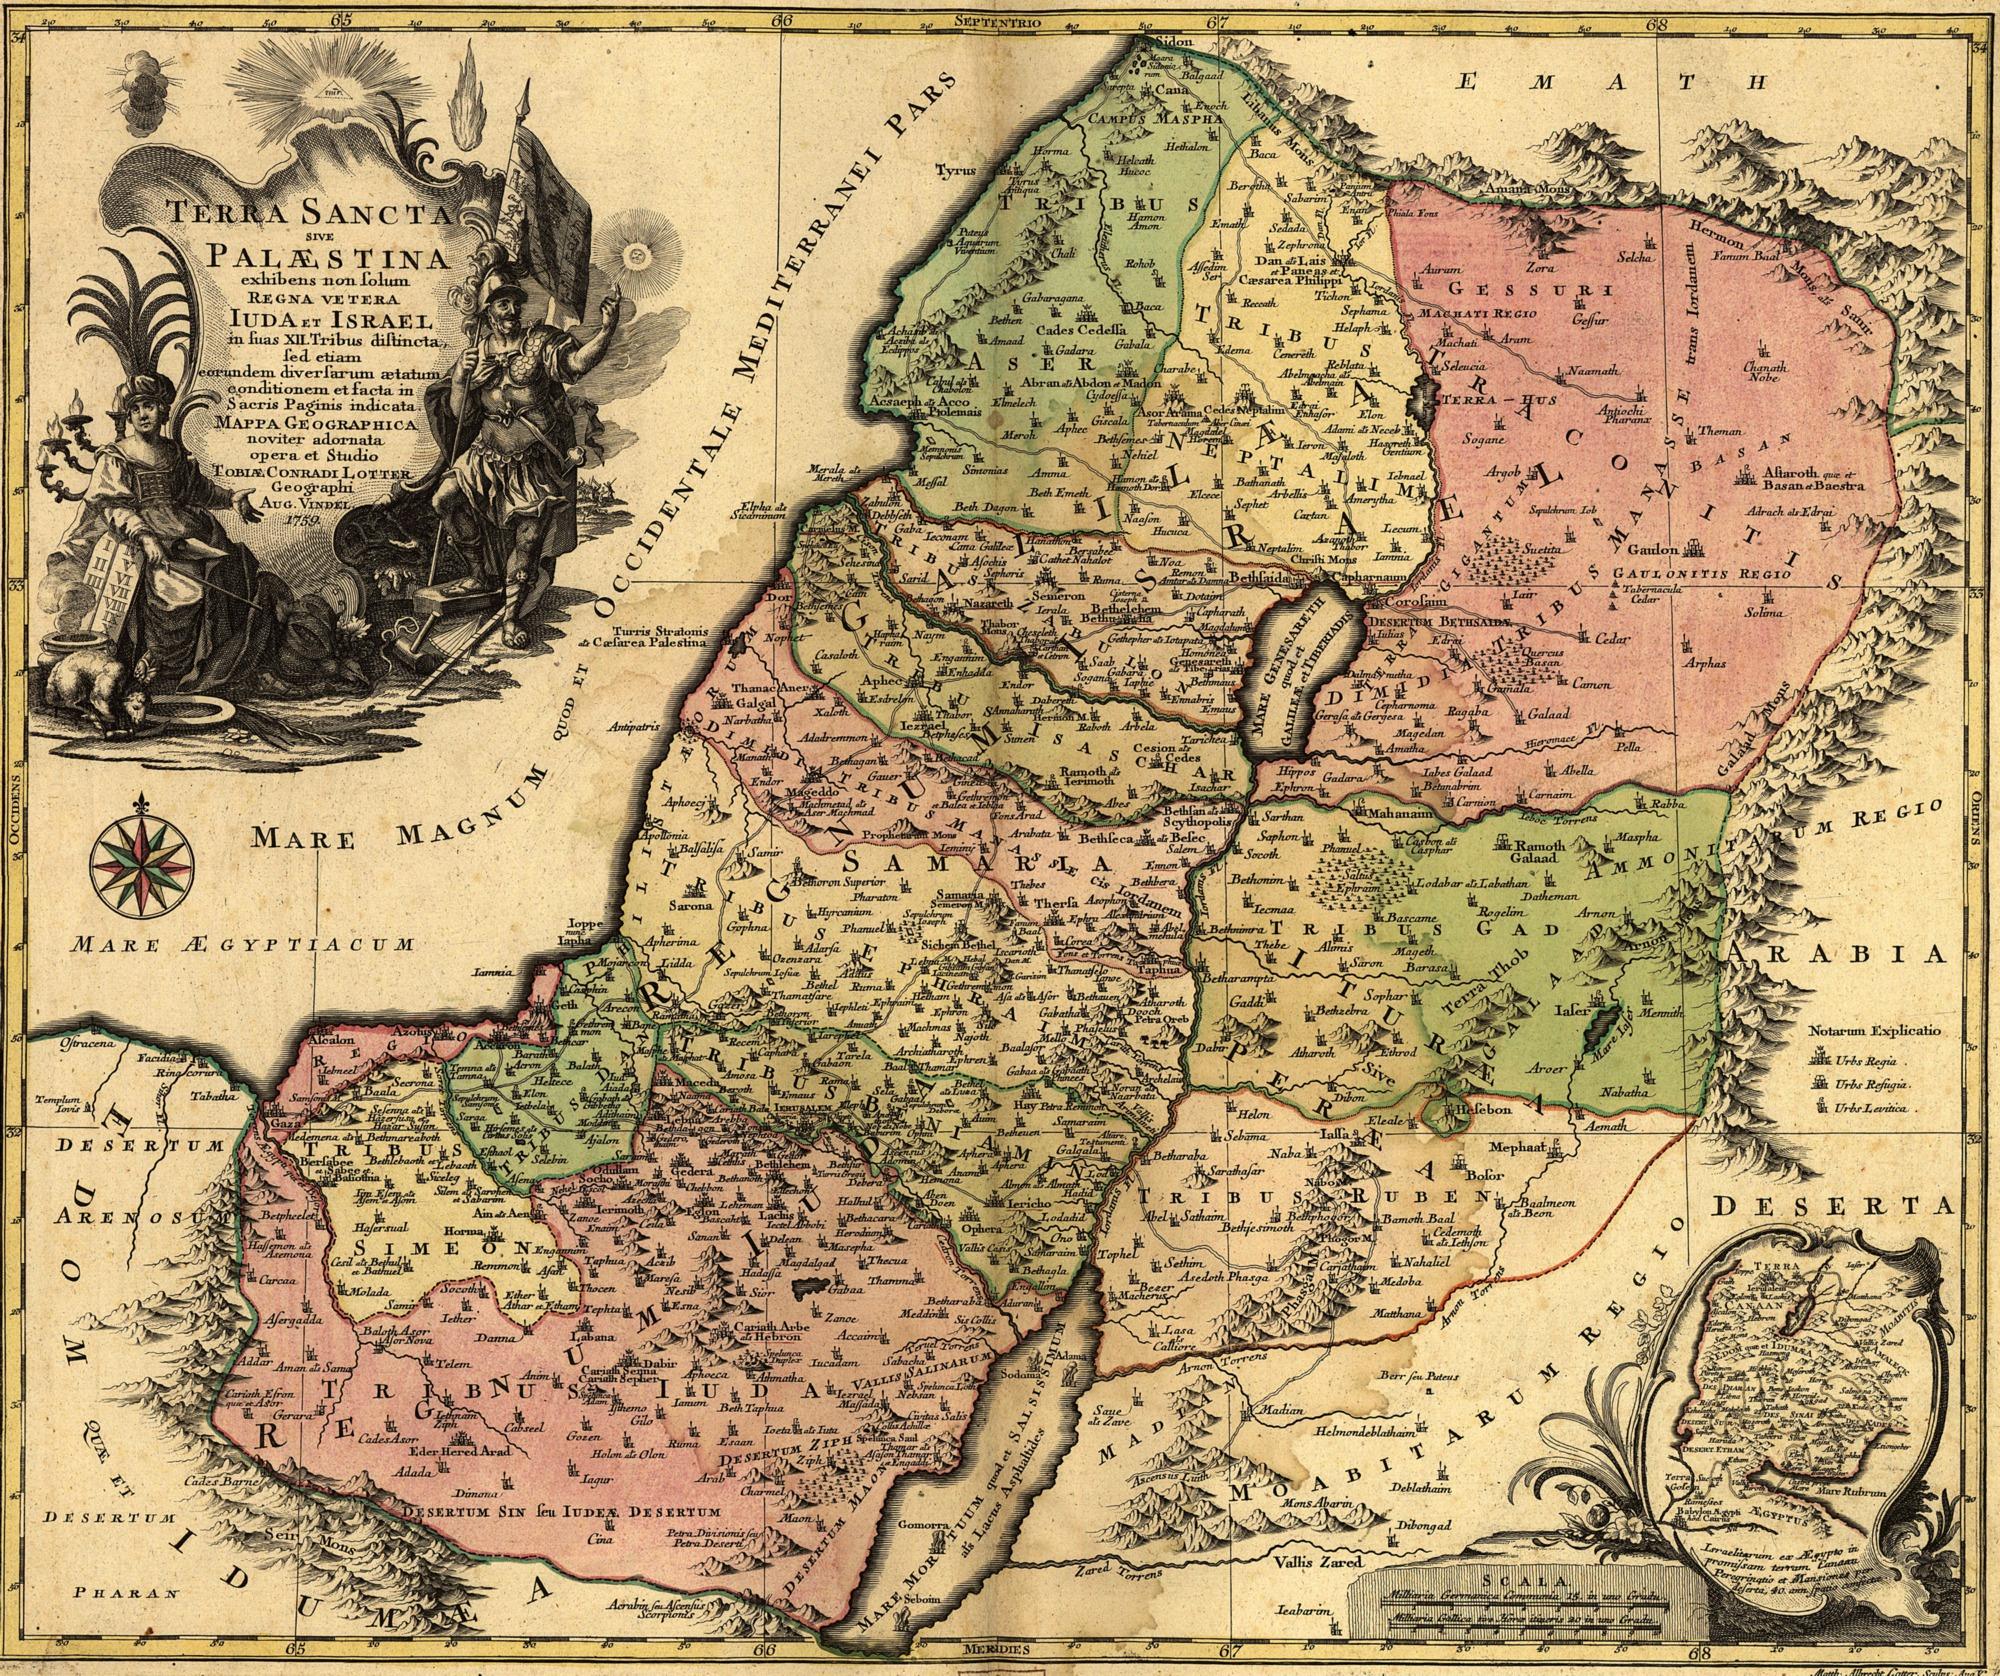 Depiction of Tierra Santa